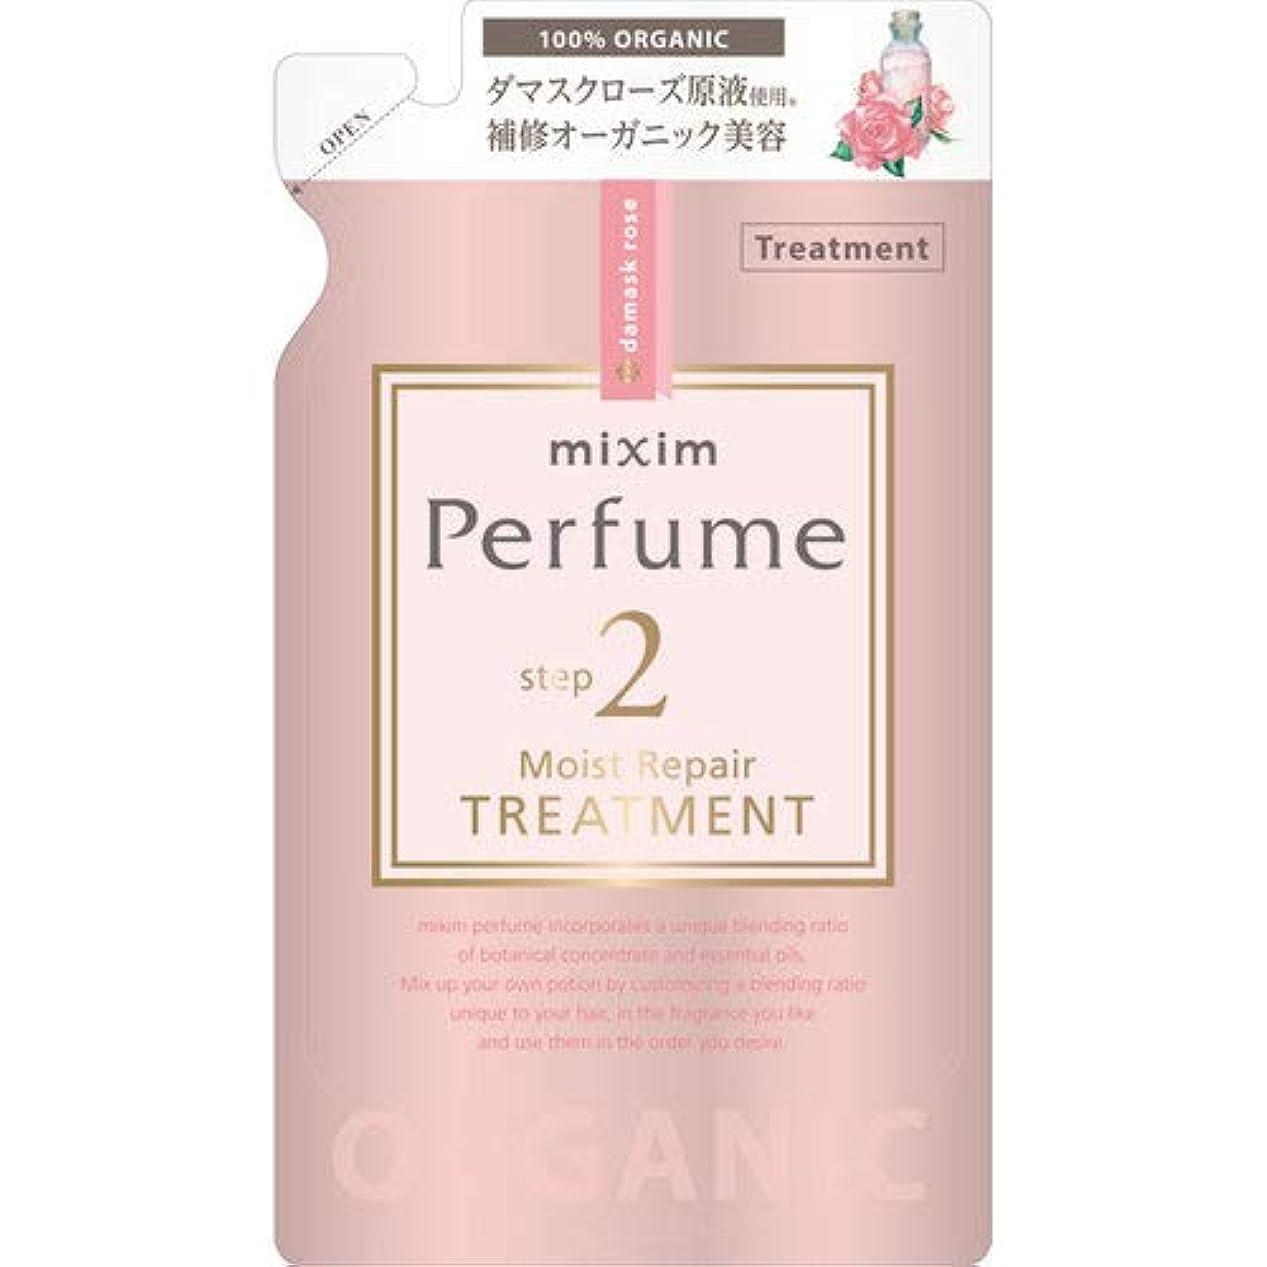 恩恵消毒するリフレッシュmixim Perfume(ミクシムパフューム) モイストリペア ヘアトリートメントつめかえ用 350g